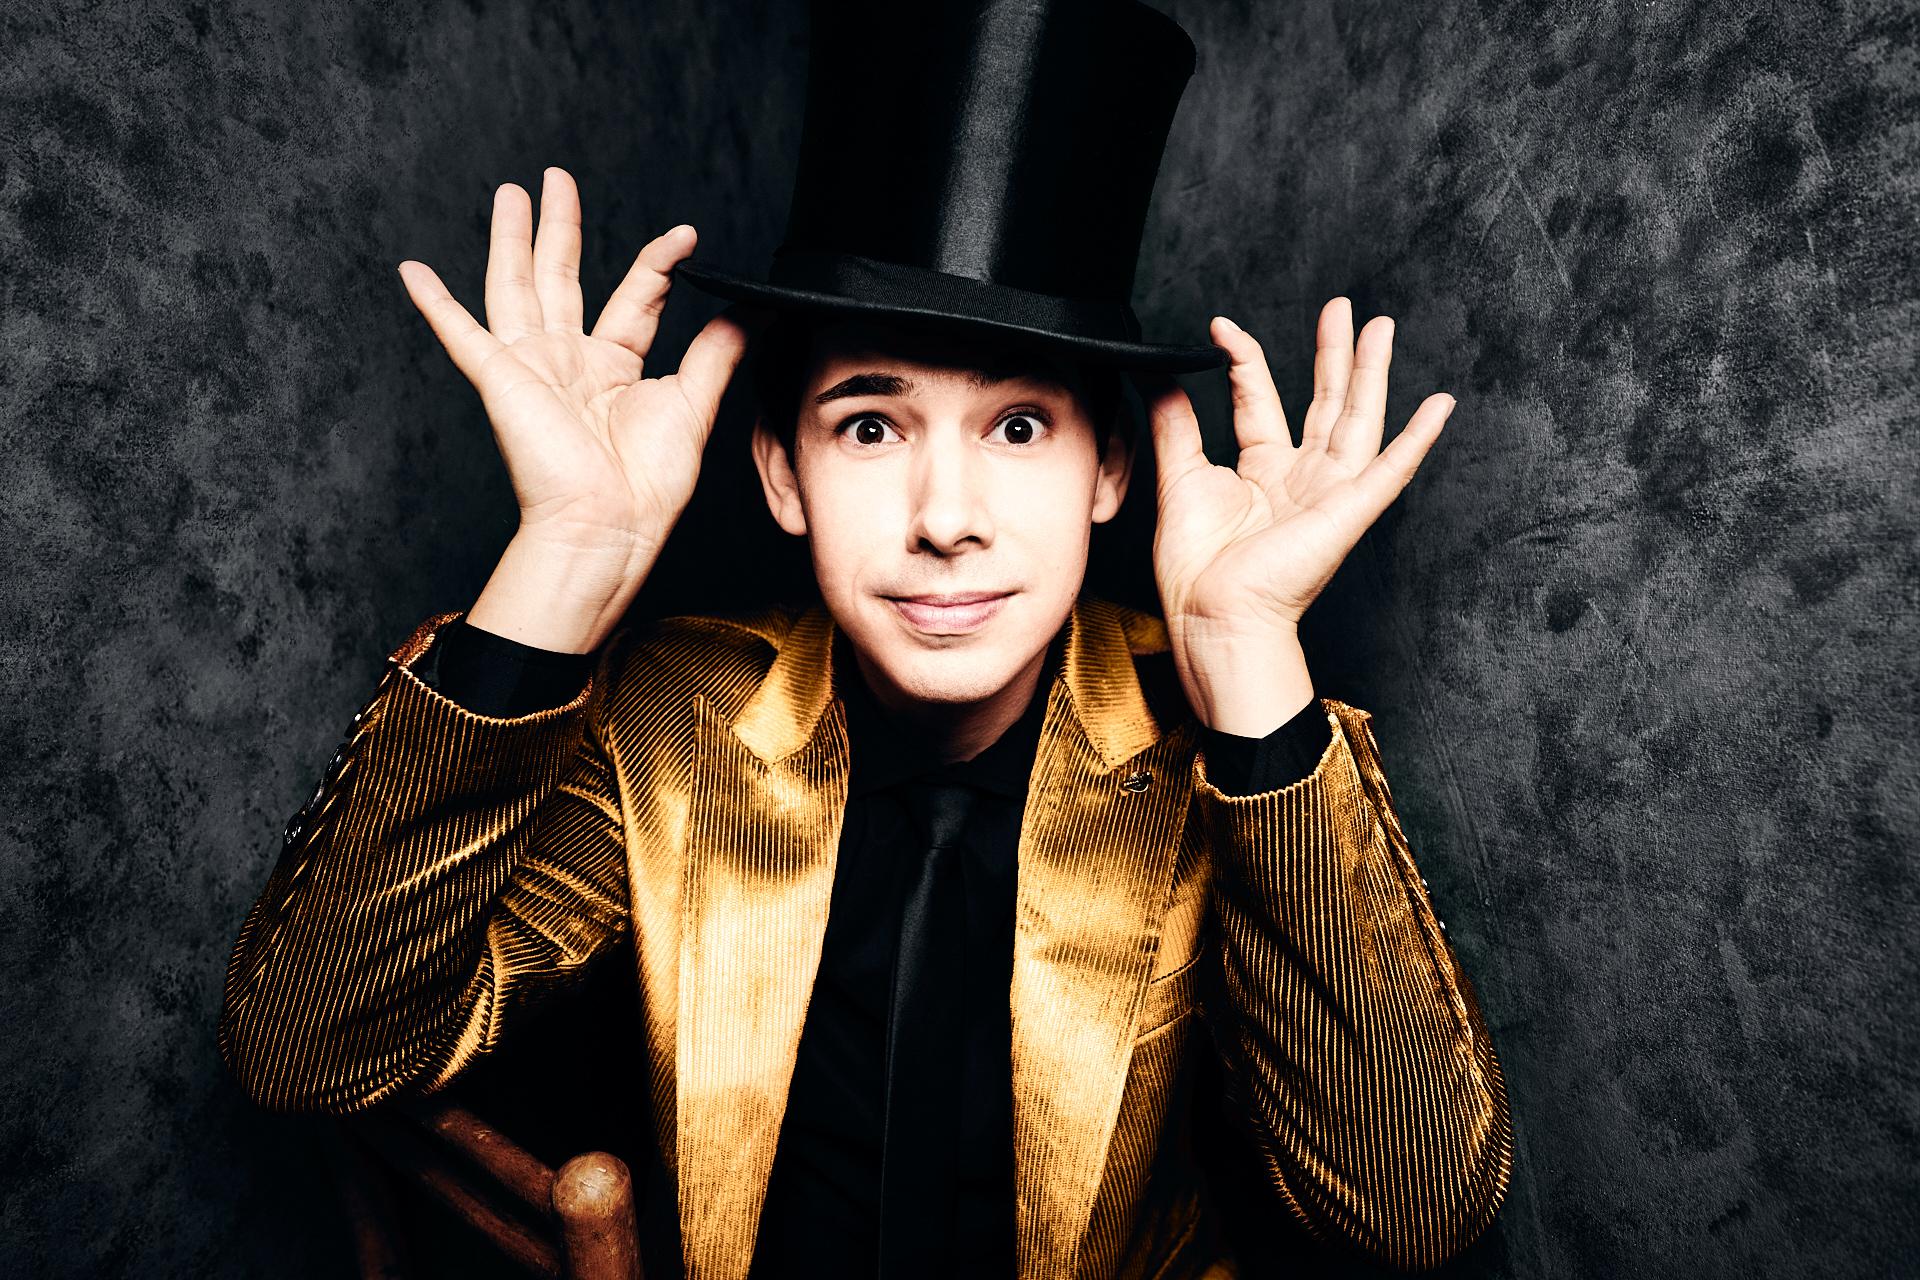 Merkwürdig dieser Zauberer im goldenen Anzug